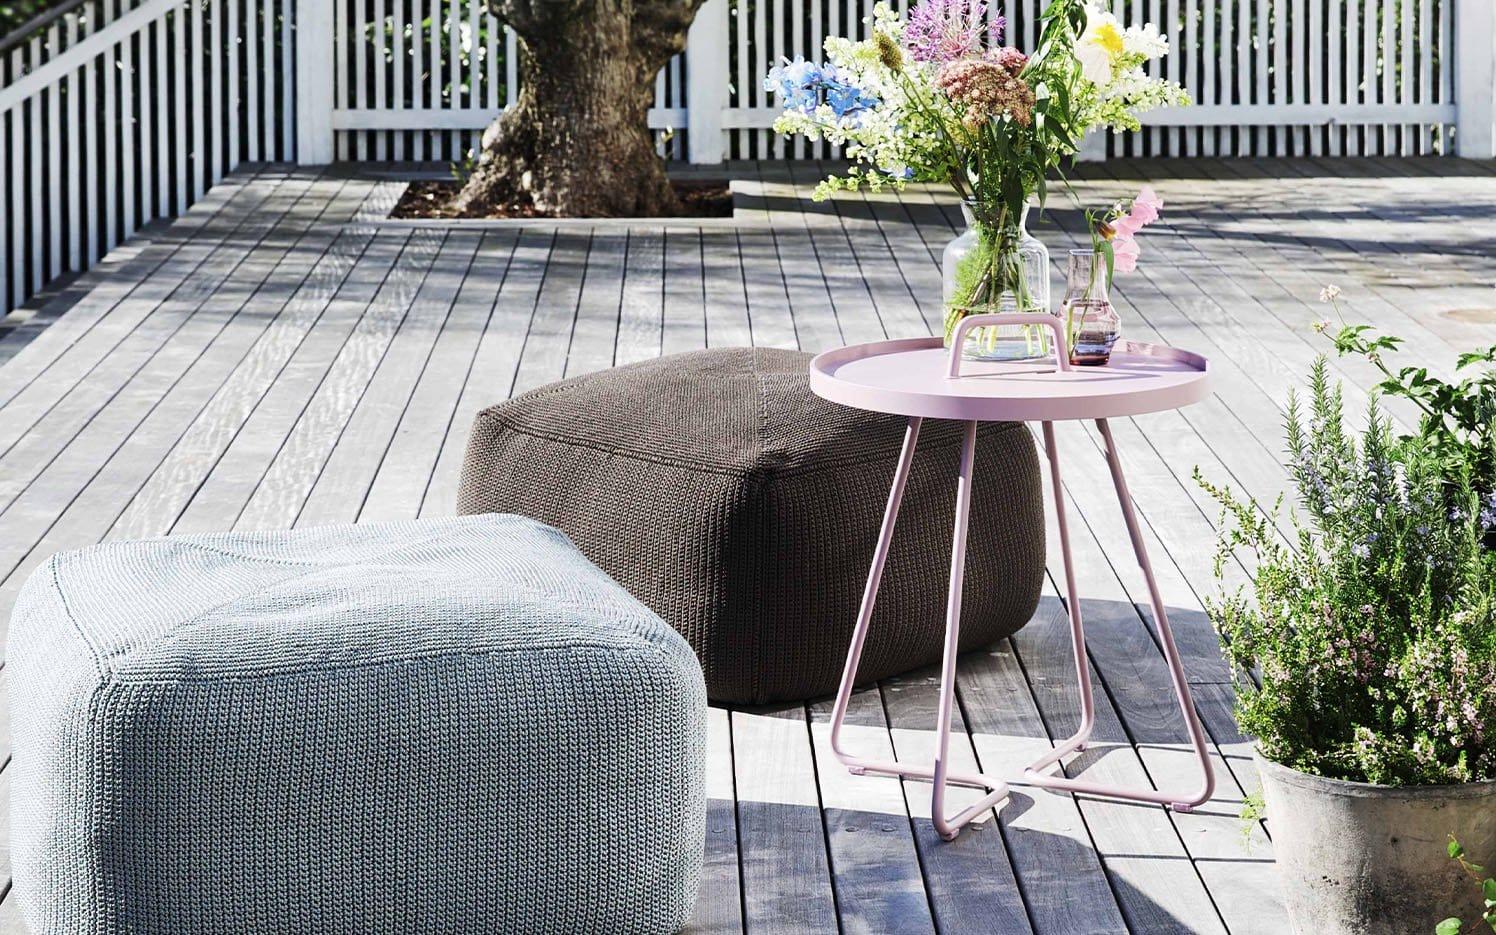 Beistelltische werden für Garten, Terrasse & Balkon mobil